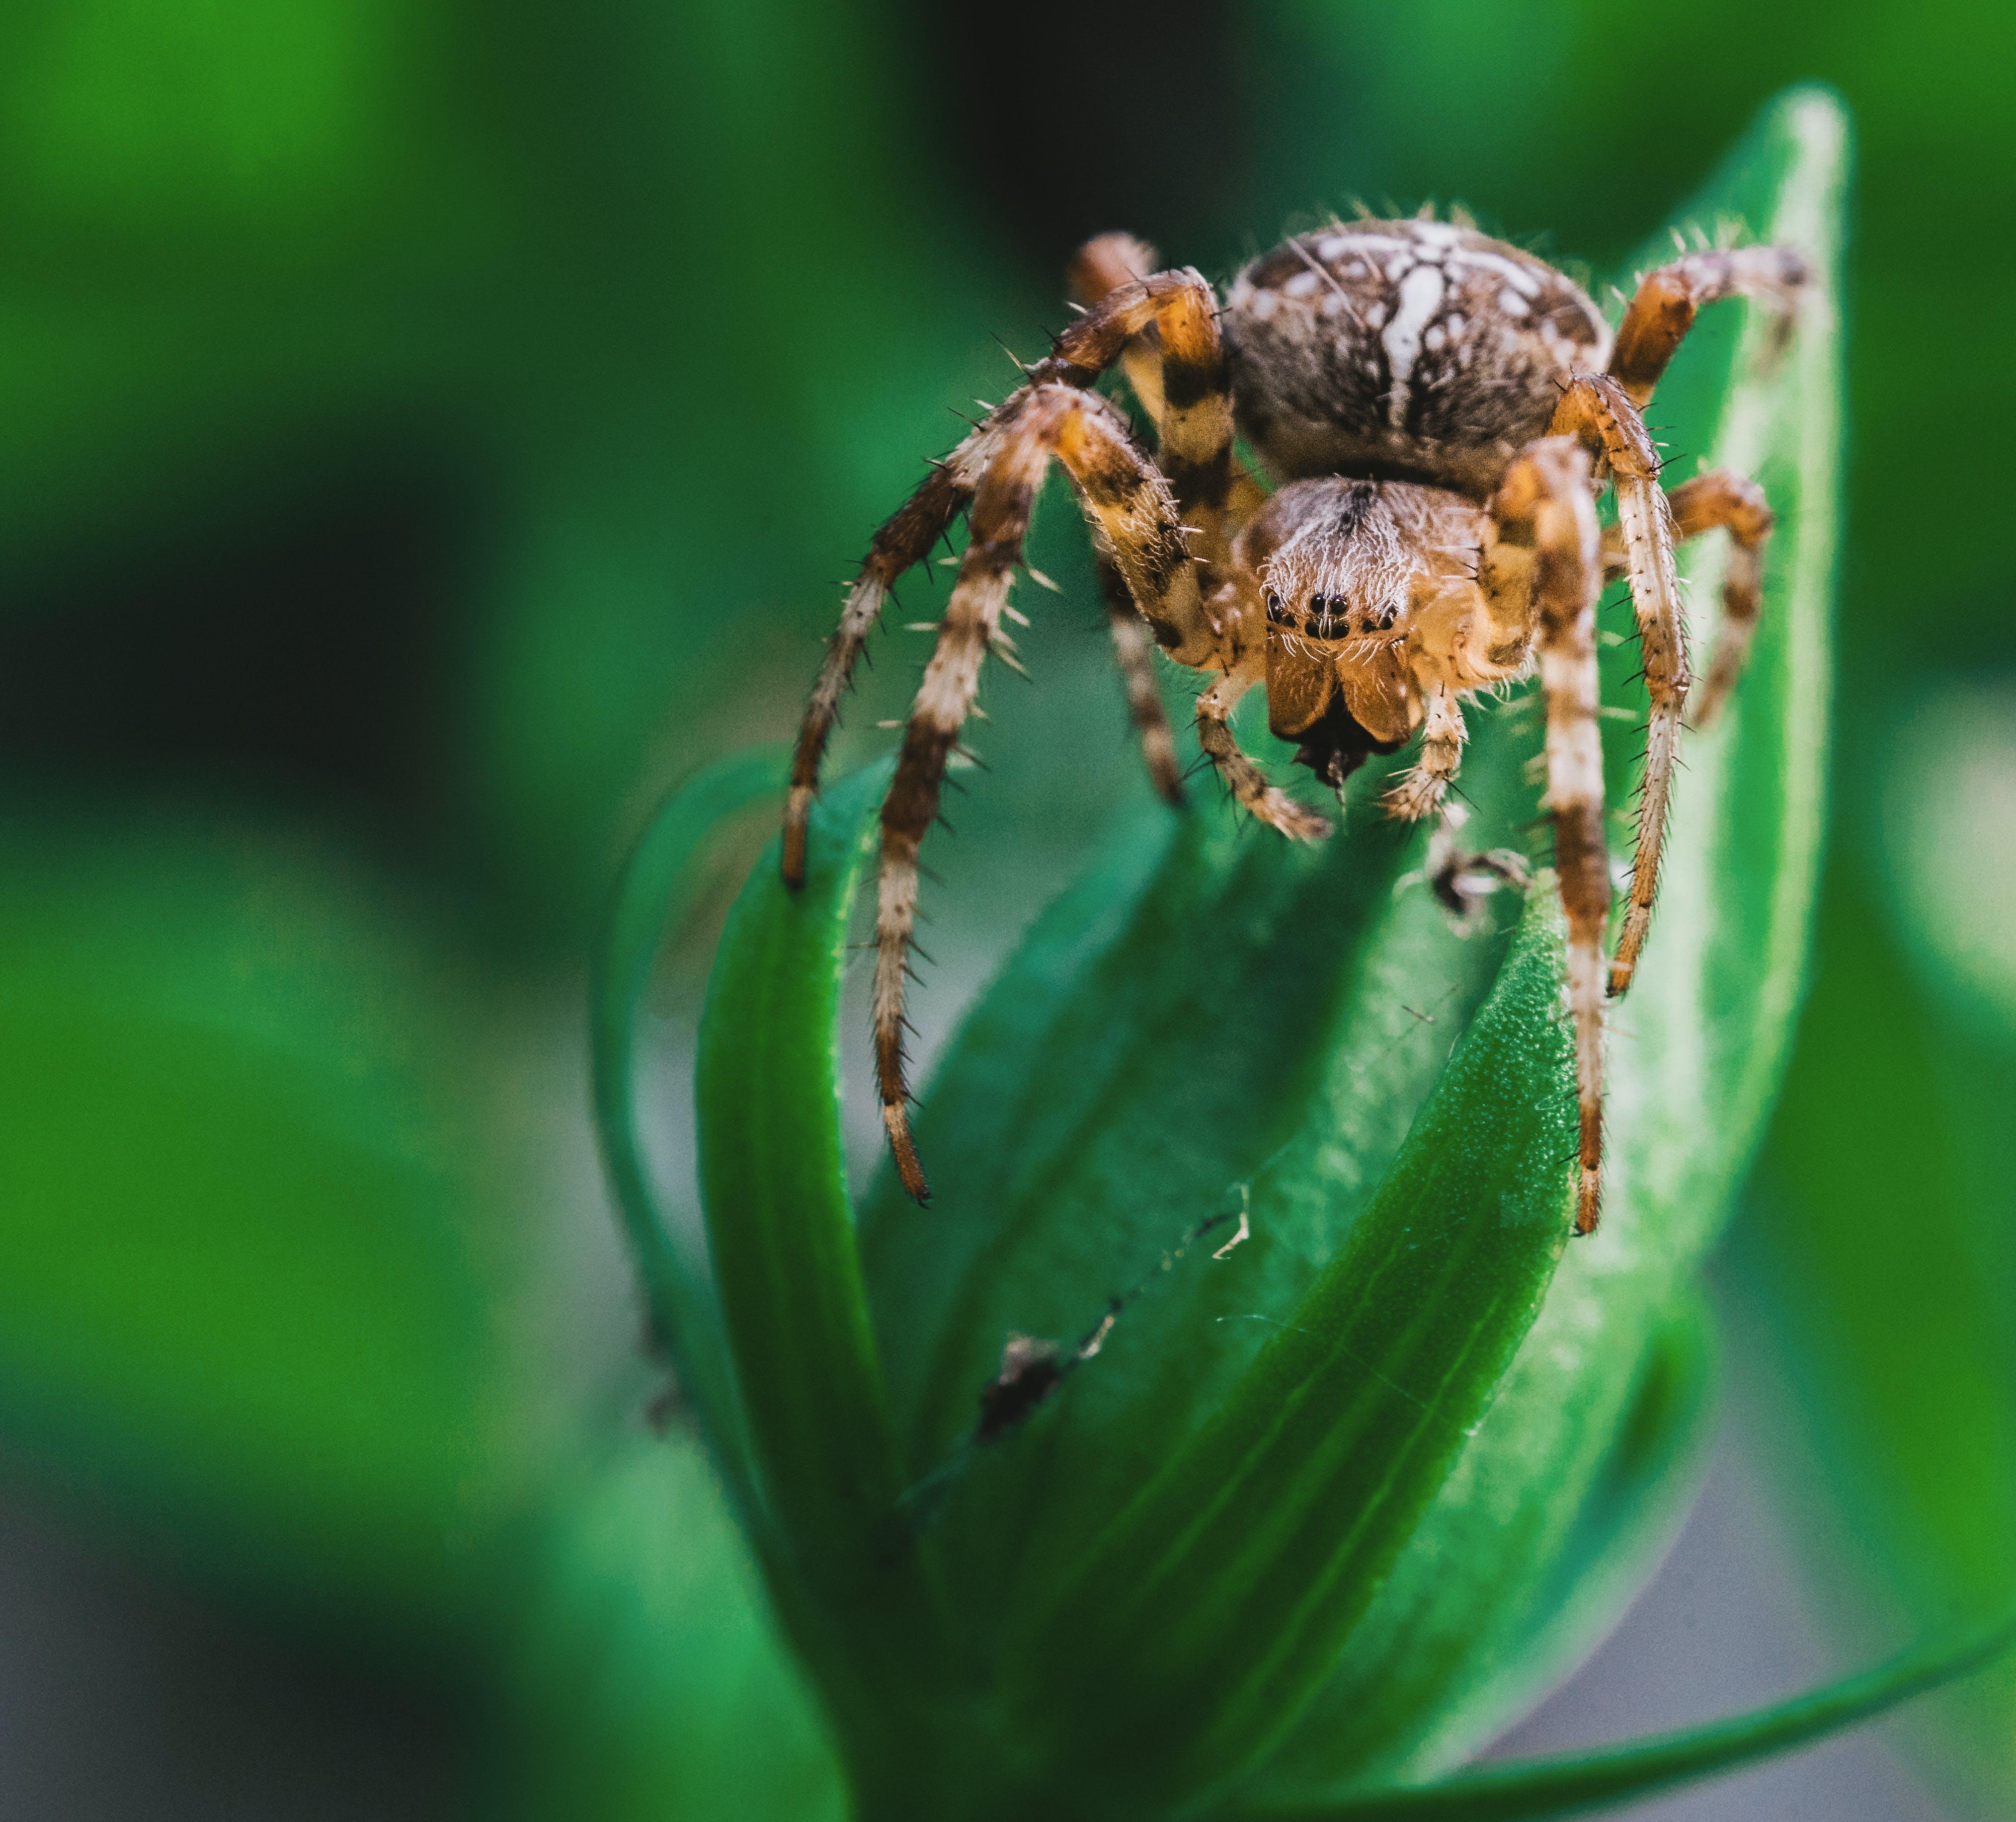 Ingyenes stockfotó hátborzongató, makró, pók, pókféle témában